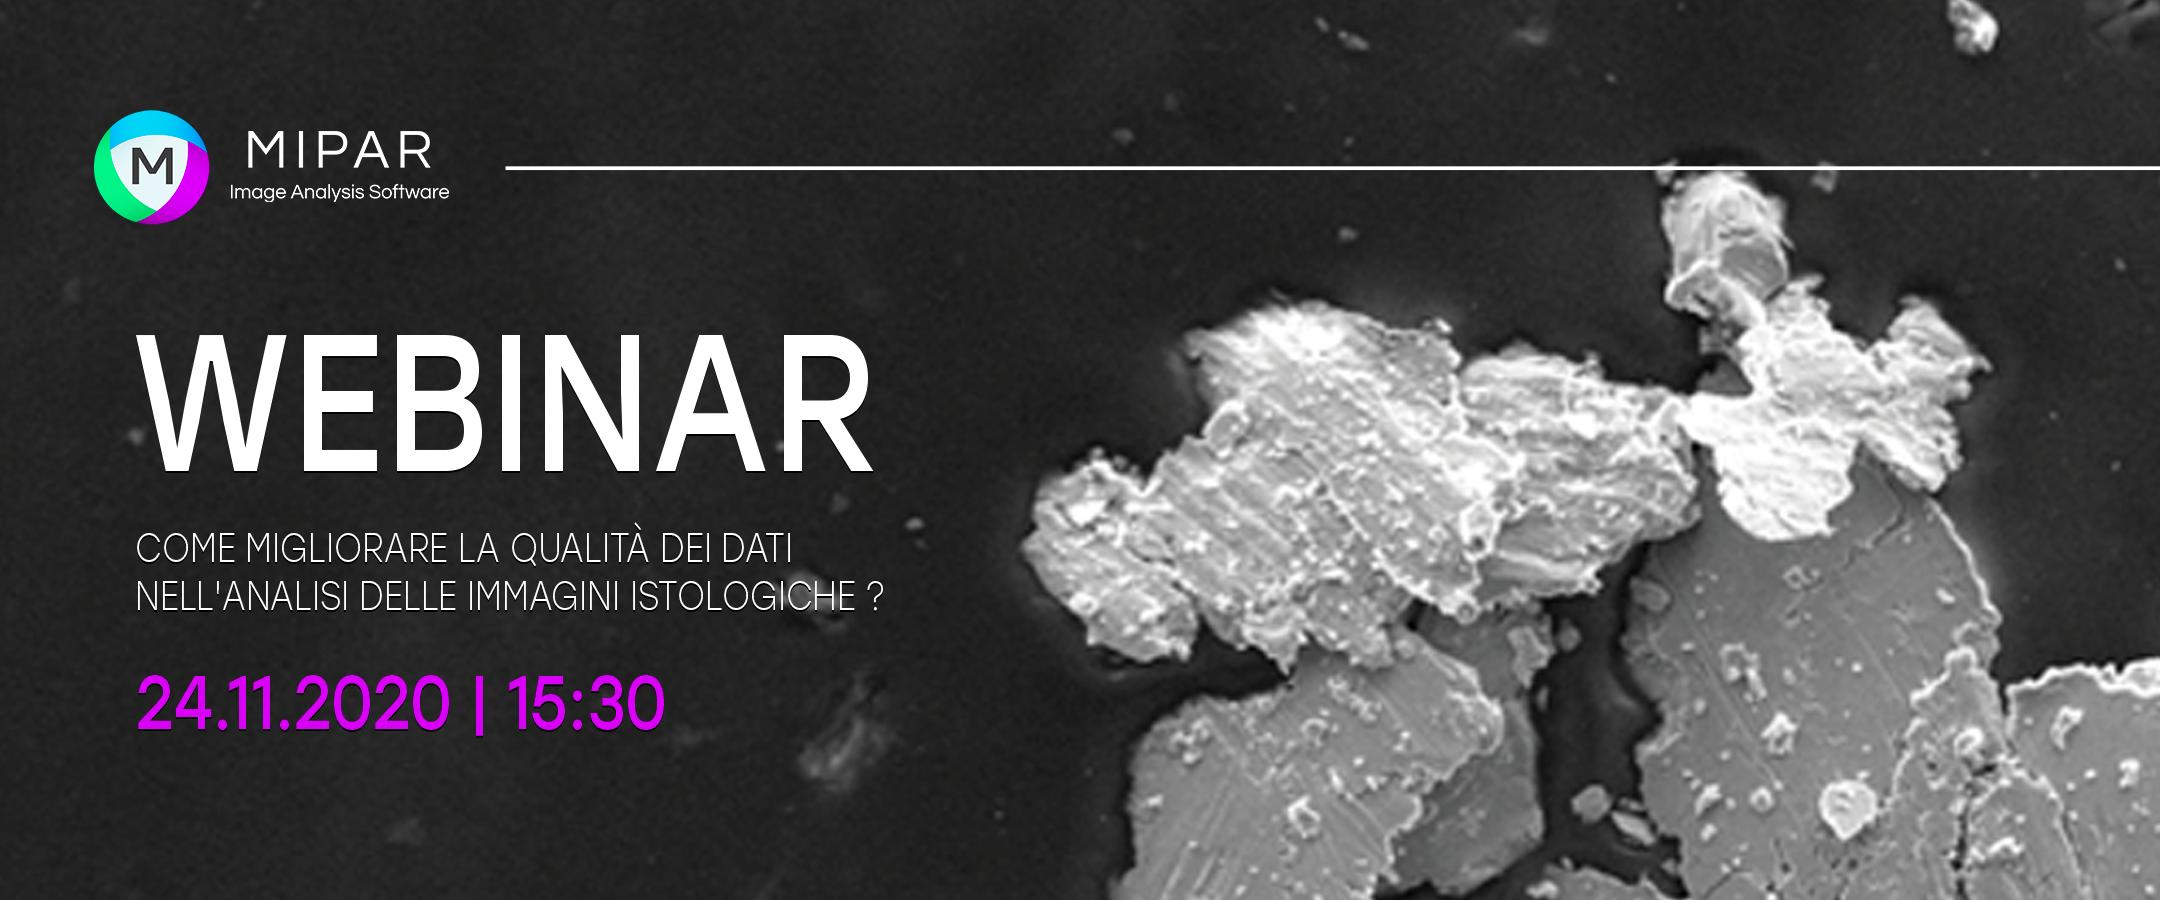 Webinar MIPAR – Come migliorare la qualità dei dati nell'analisi delle immagini istologiche